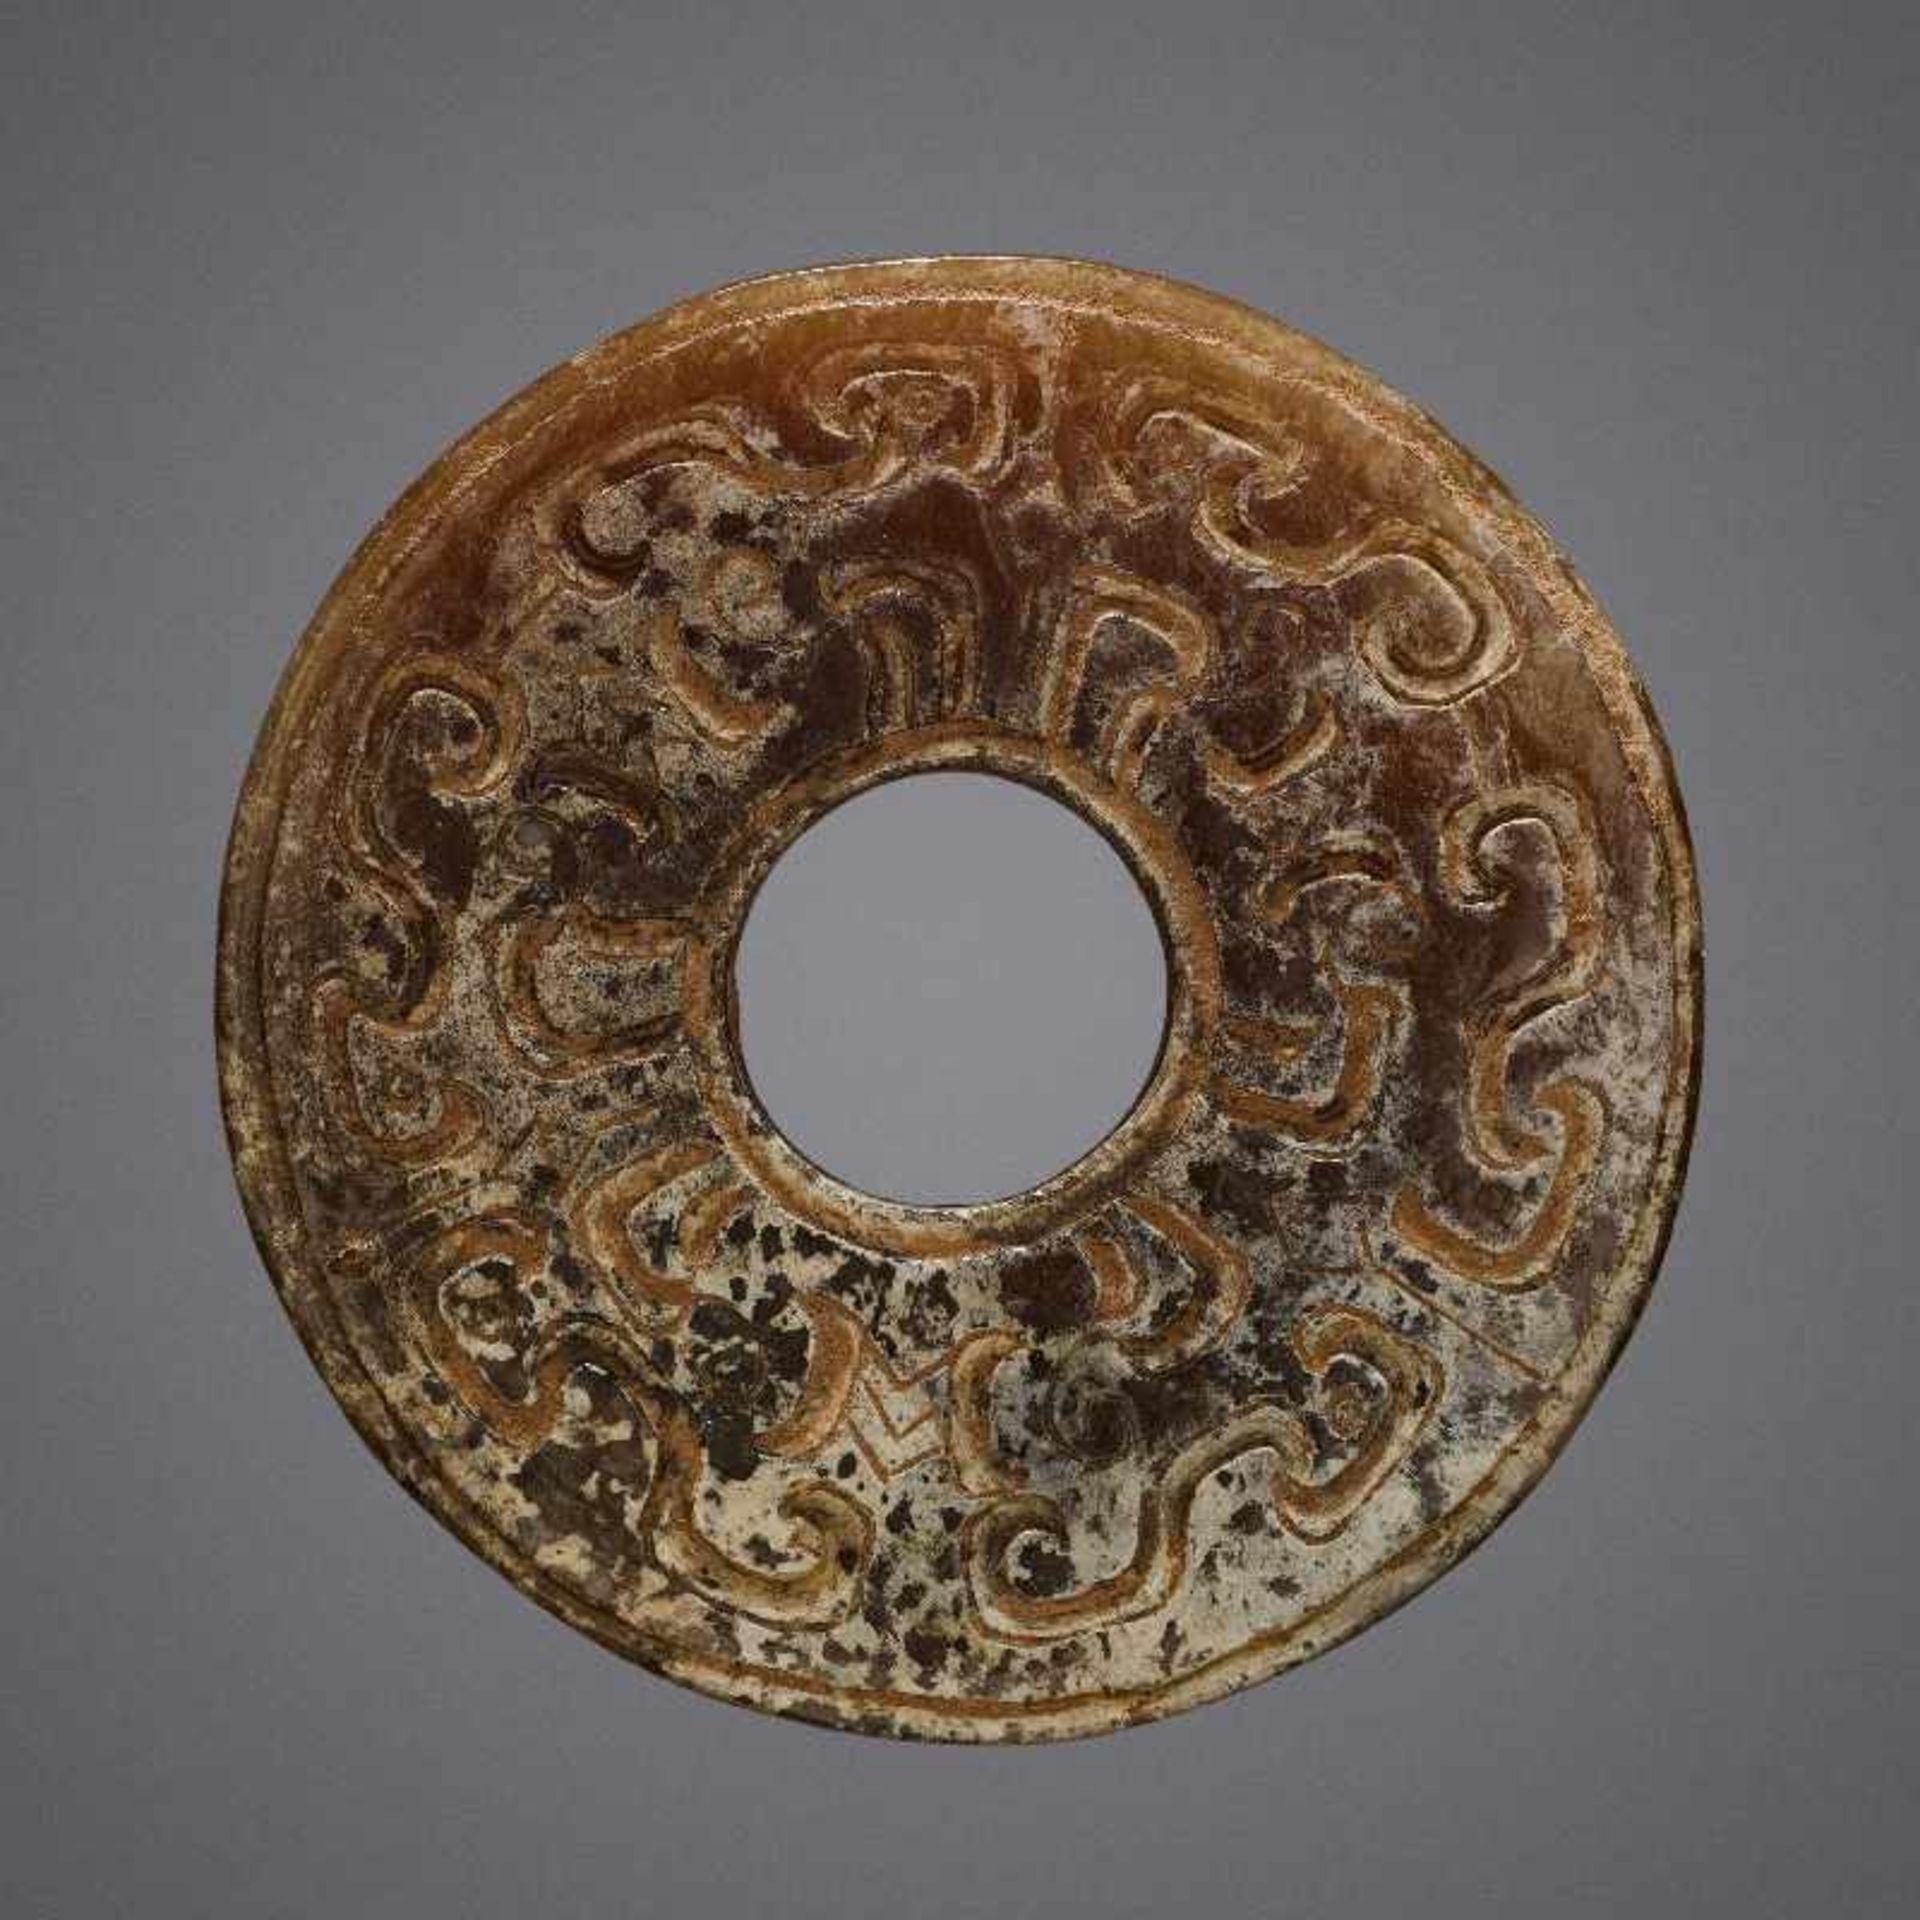 KONVOLUT MIT EINER BI UND DREI AMULETTENJade. China, späte Qing-Dynastie, 19. Jh. 75a: BI Jade. - Image 3 of 17